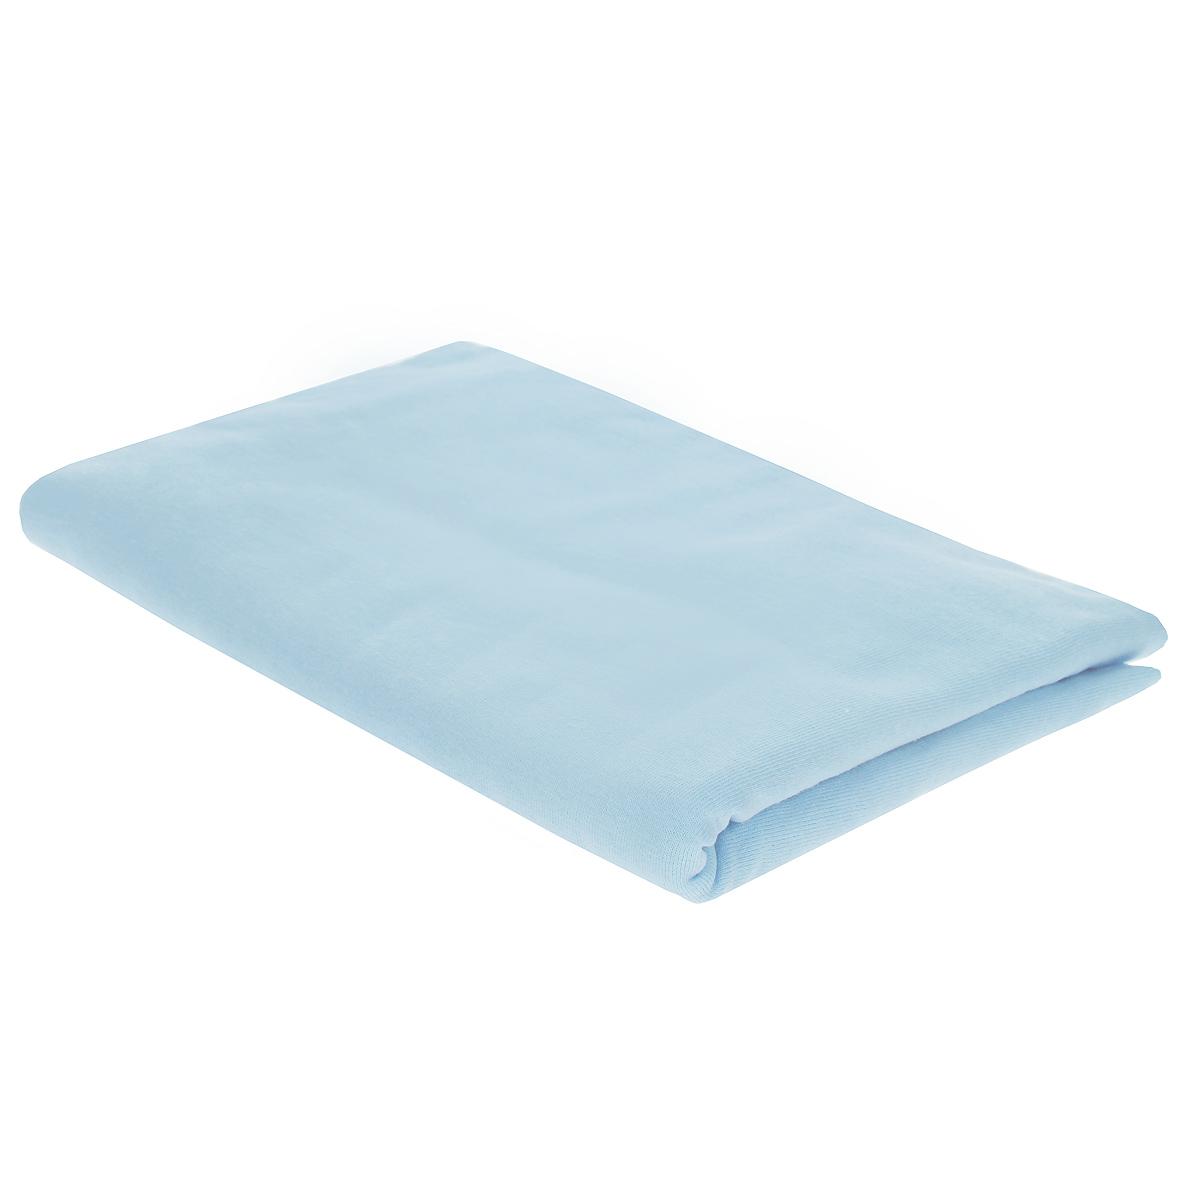 Пеленка трикотажная Трон-Плюс, цвет: голубой, 120 см х 90 см пеленка трикотажная трон плюс цвет розовый 120 см х 90 см